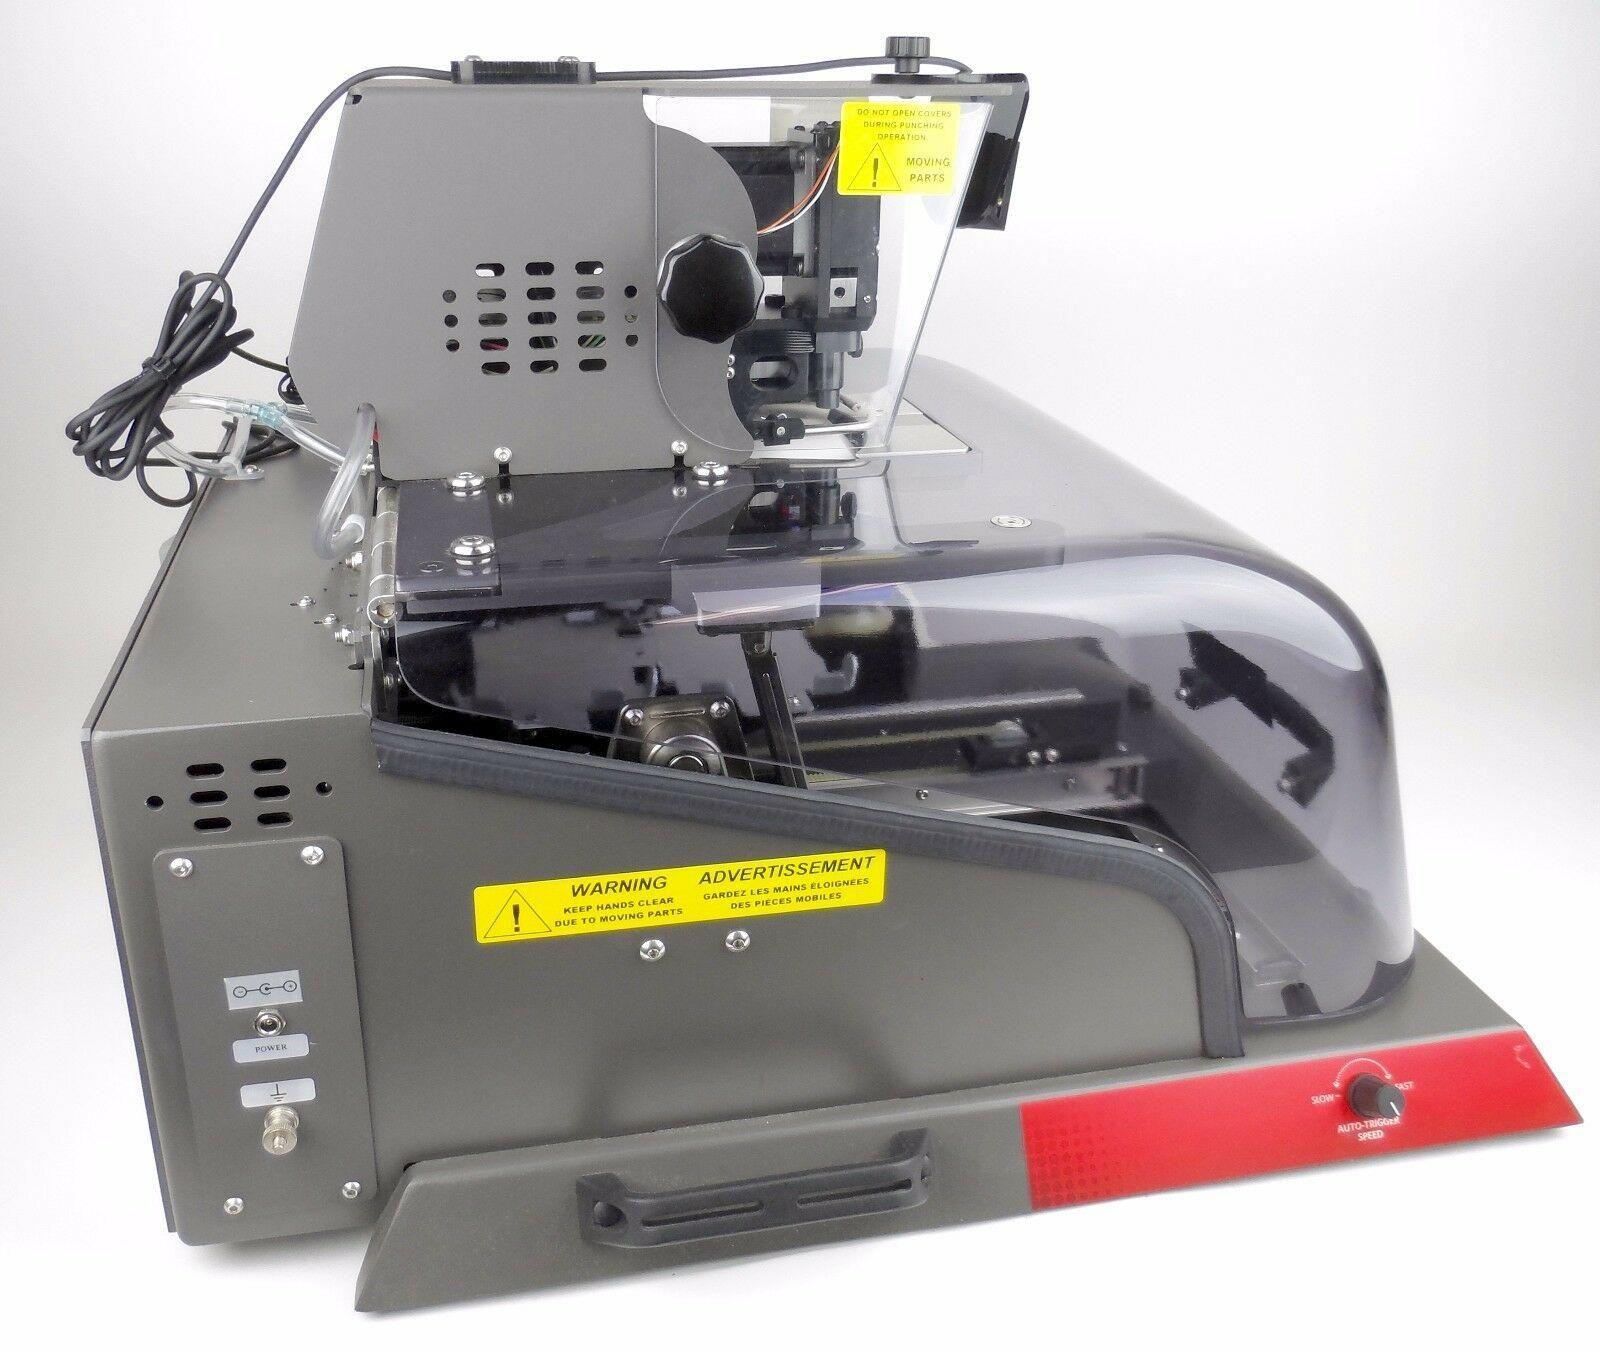 Luminex BSD 600 Plus DBS & Sample Media Puncher